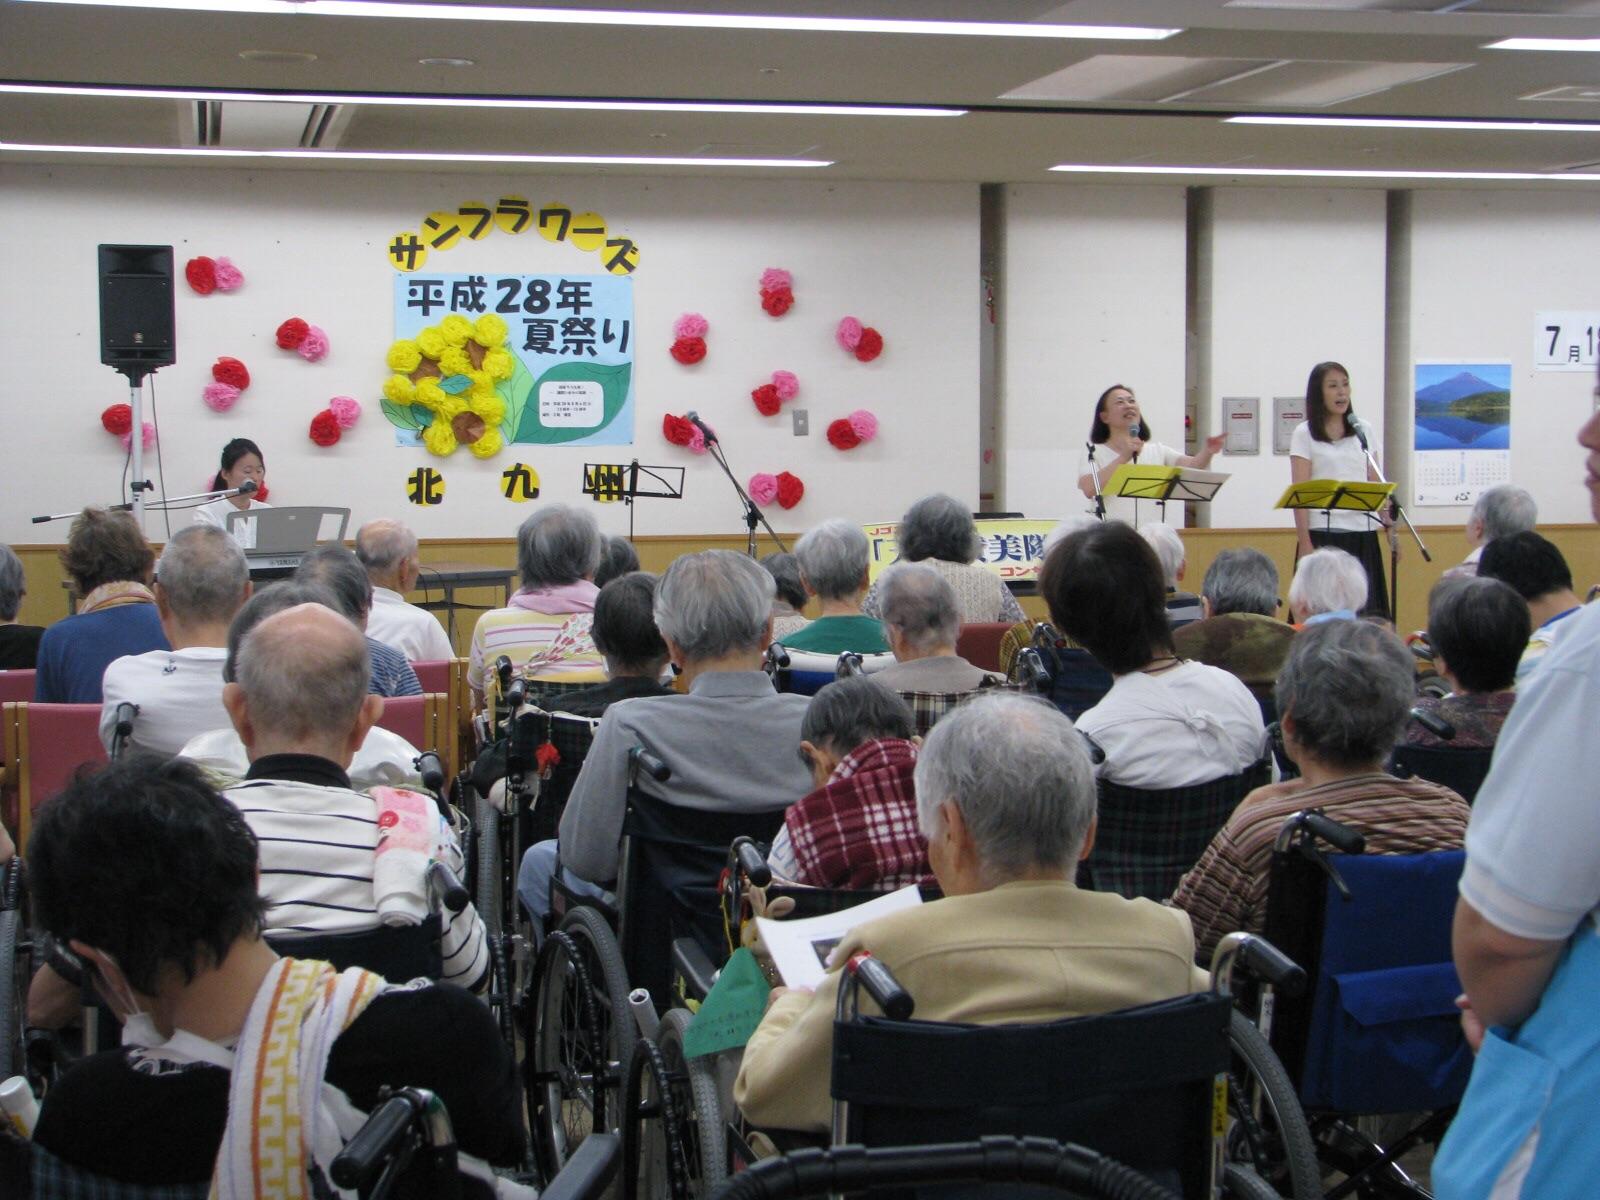 praise band from kitakyushu living god church named j gospel team heavenly praise band held a gospel concert in a facility for elderly